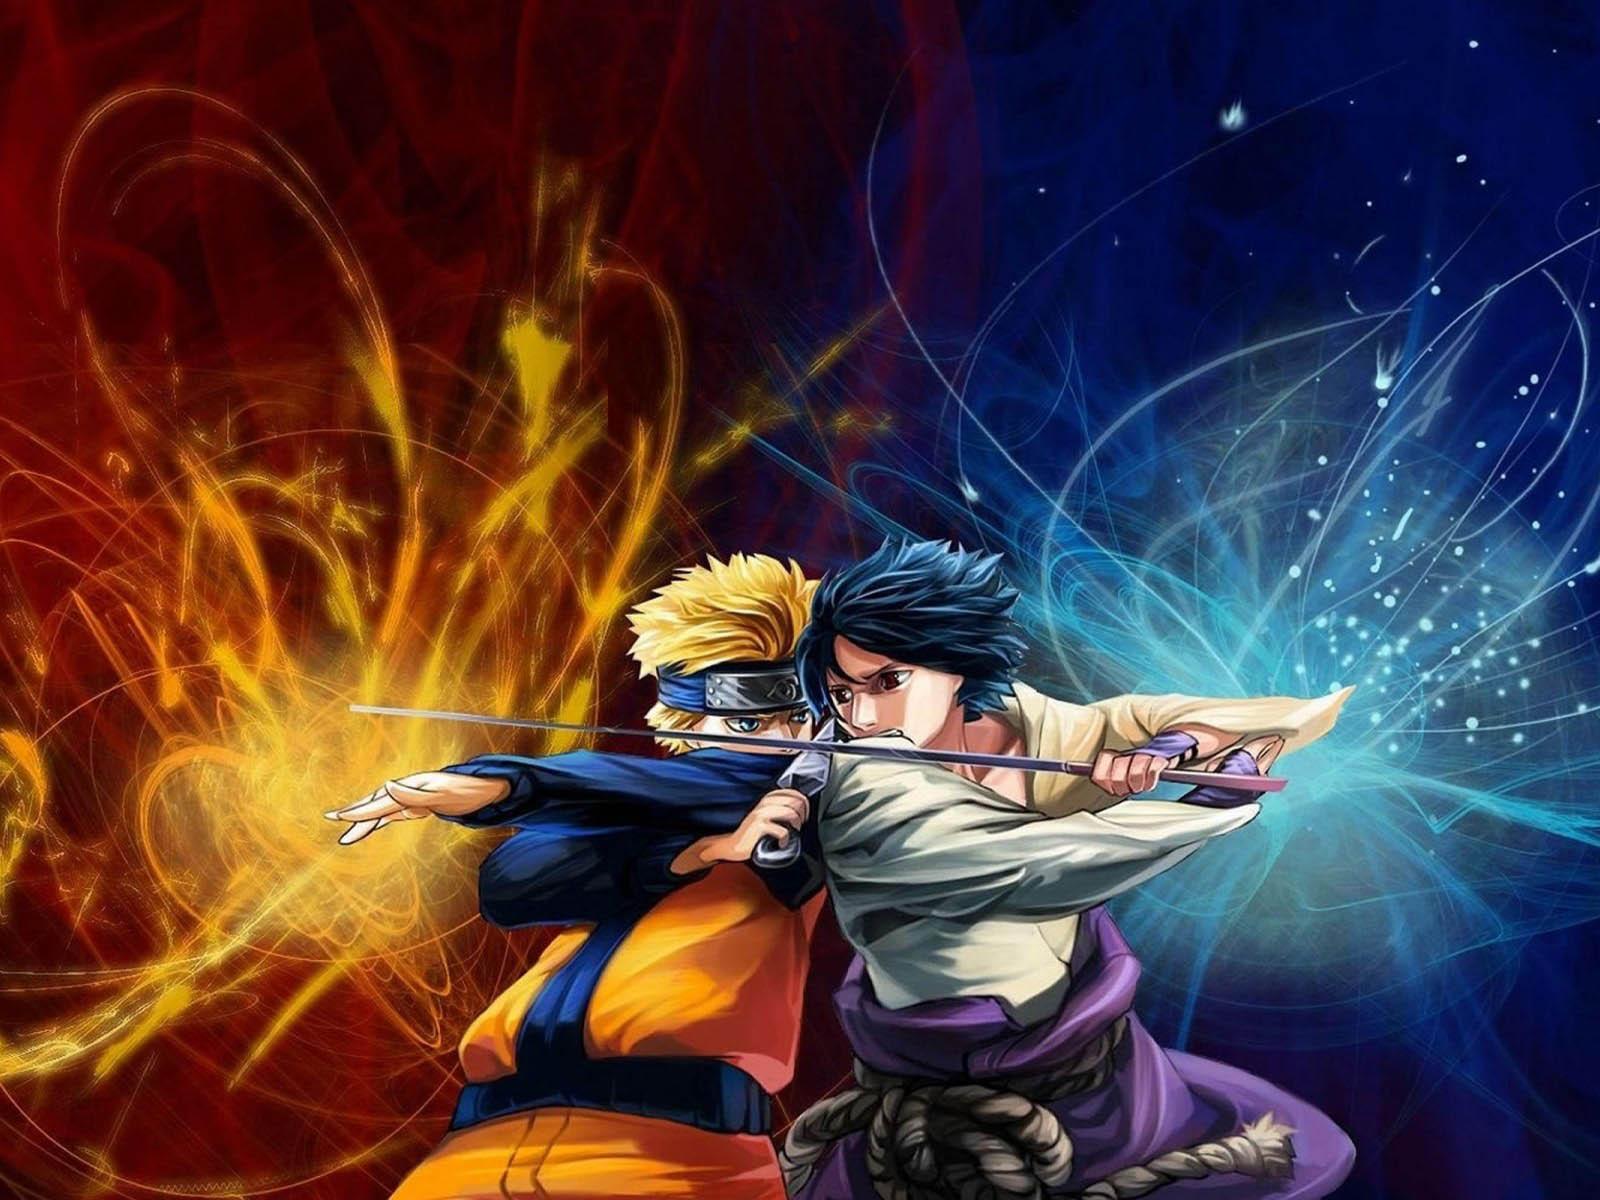 Wallpaper Naruto Windows 7